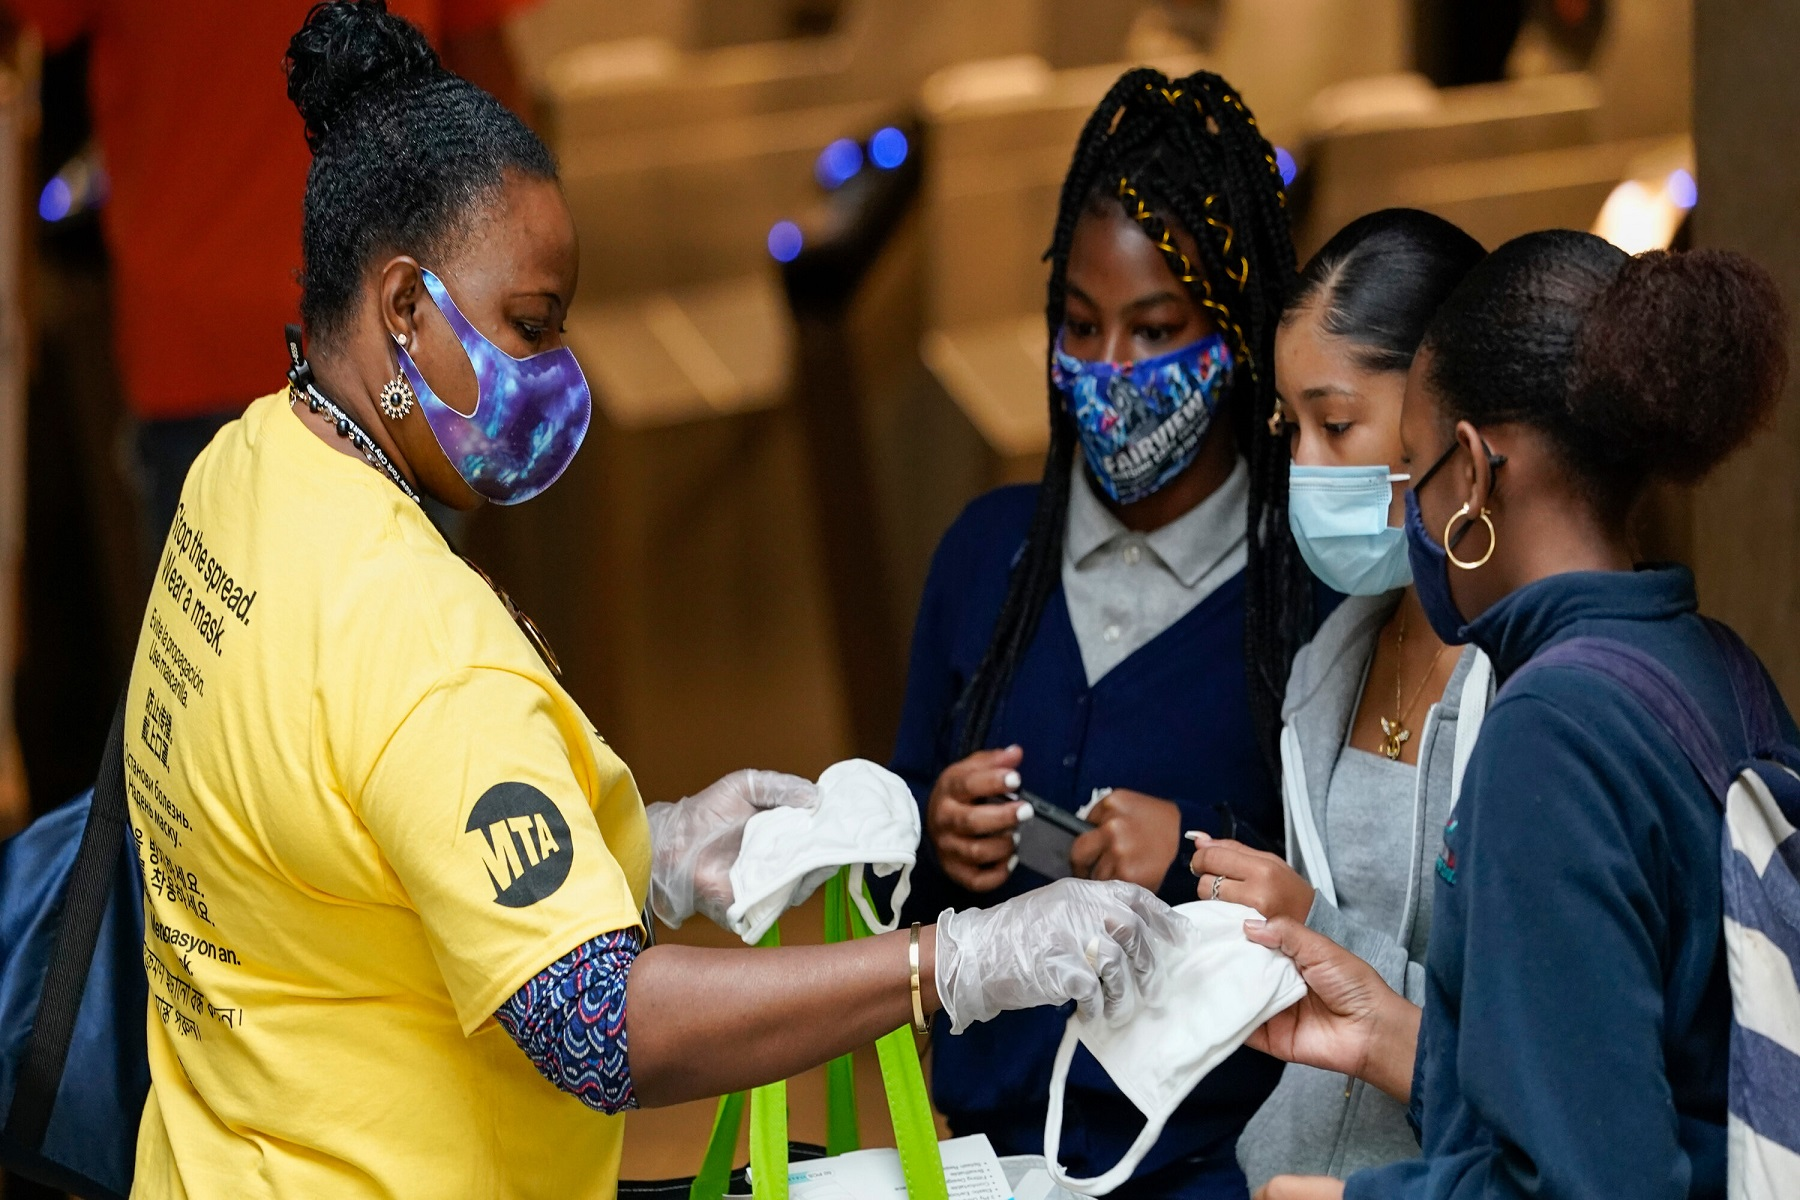 ΗΠΑ Εκπαίδευση: Μάσκα στο σχολείο «ανεξάρτητα από την κατάσταση εμβολιασμού» λένε οι παιδίατροι